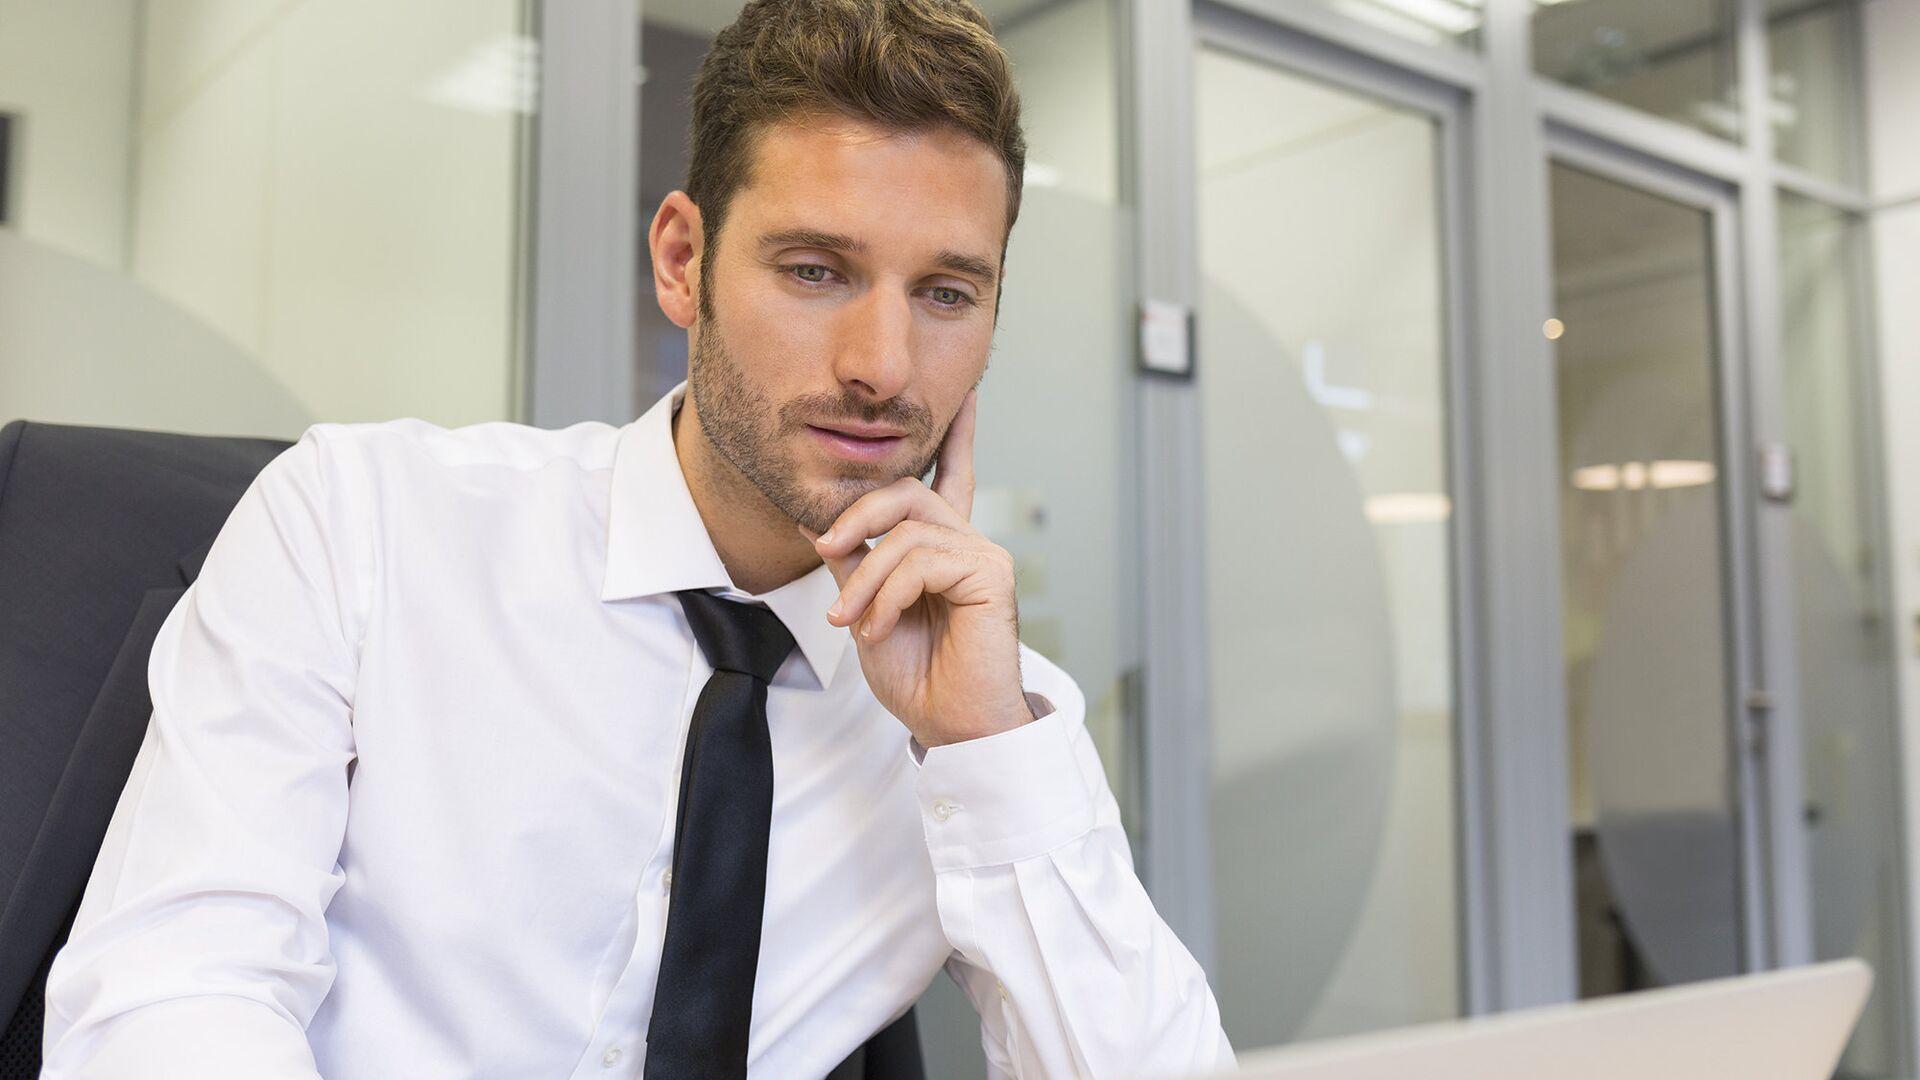 Ученые исследовали компетенции, необходимые для успешной карьеры